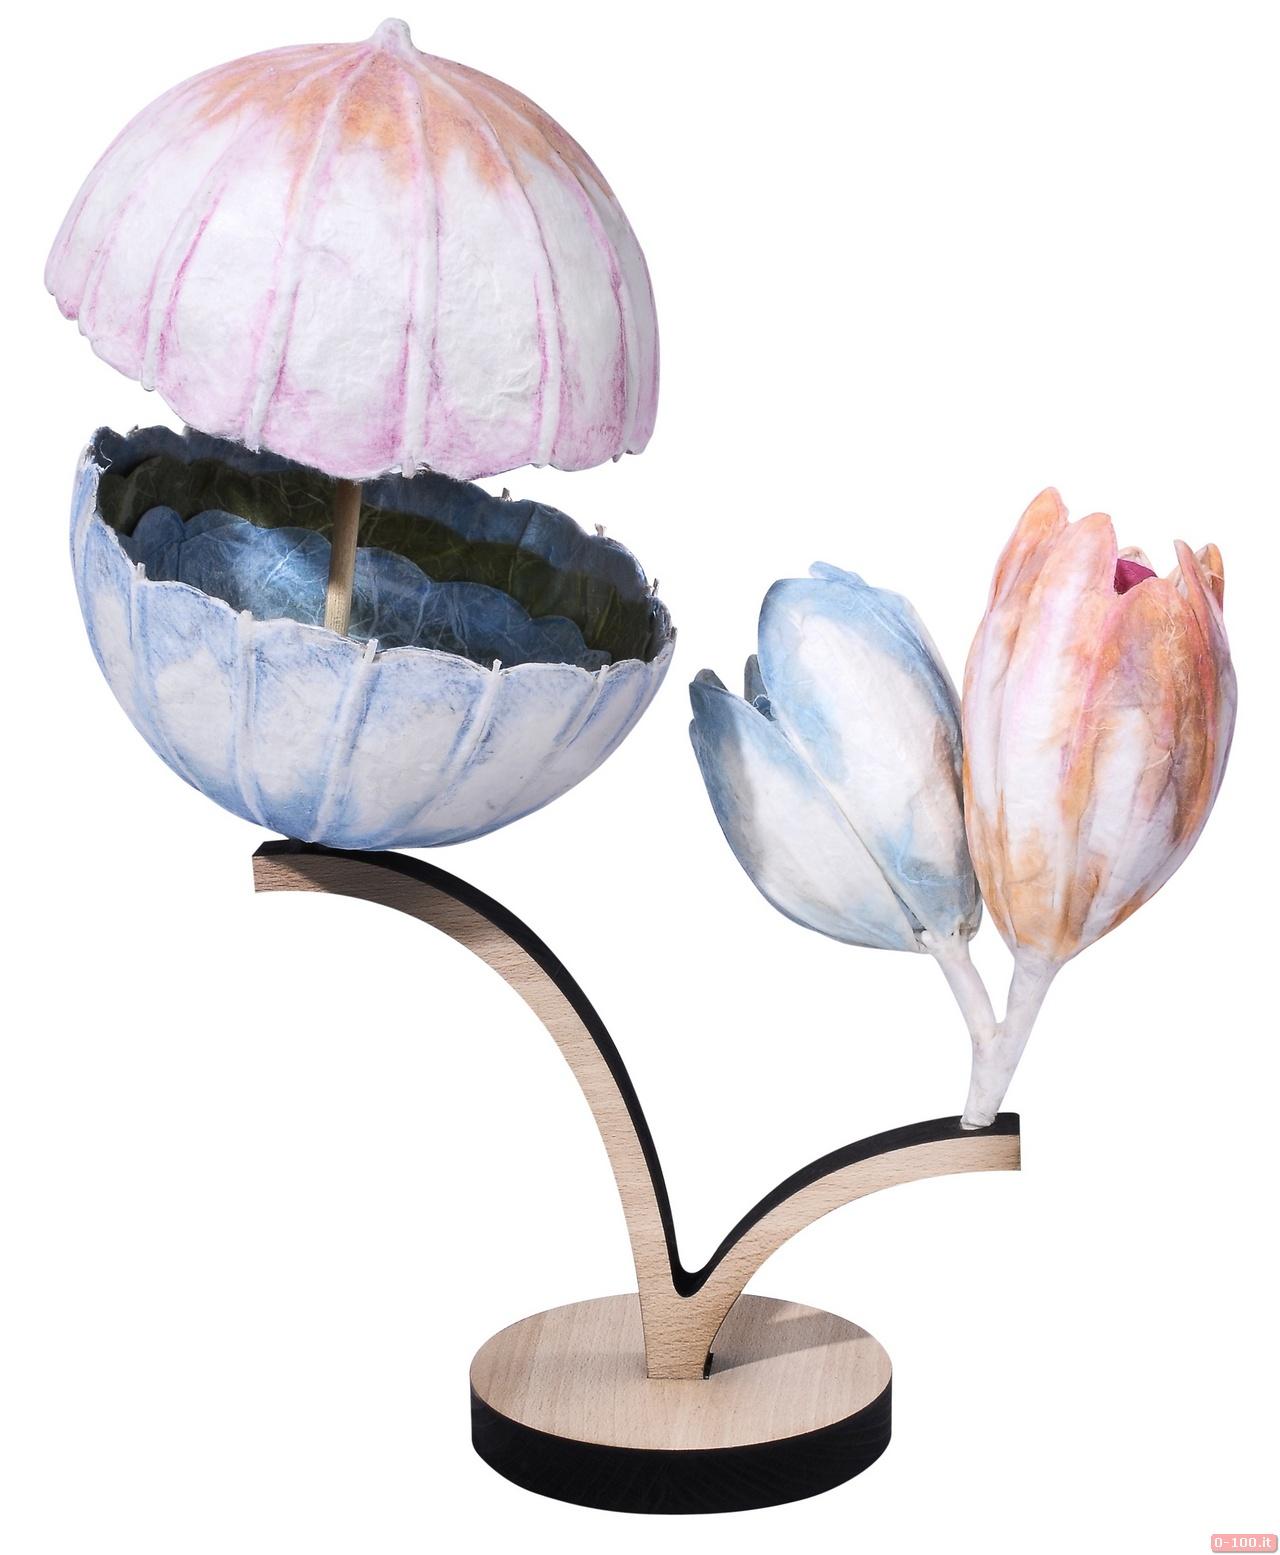 Blooming Creativity_Couleurs Du Vent e Les Bras Ouverts - Haruka Usui _Van Cleef & Arpels_0-100 1